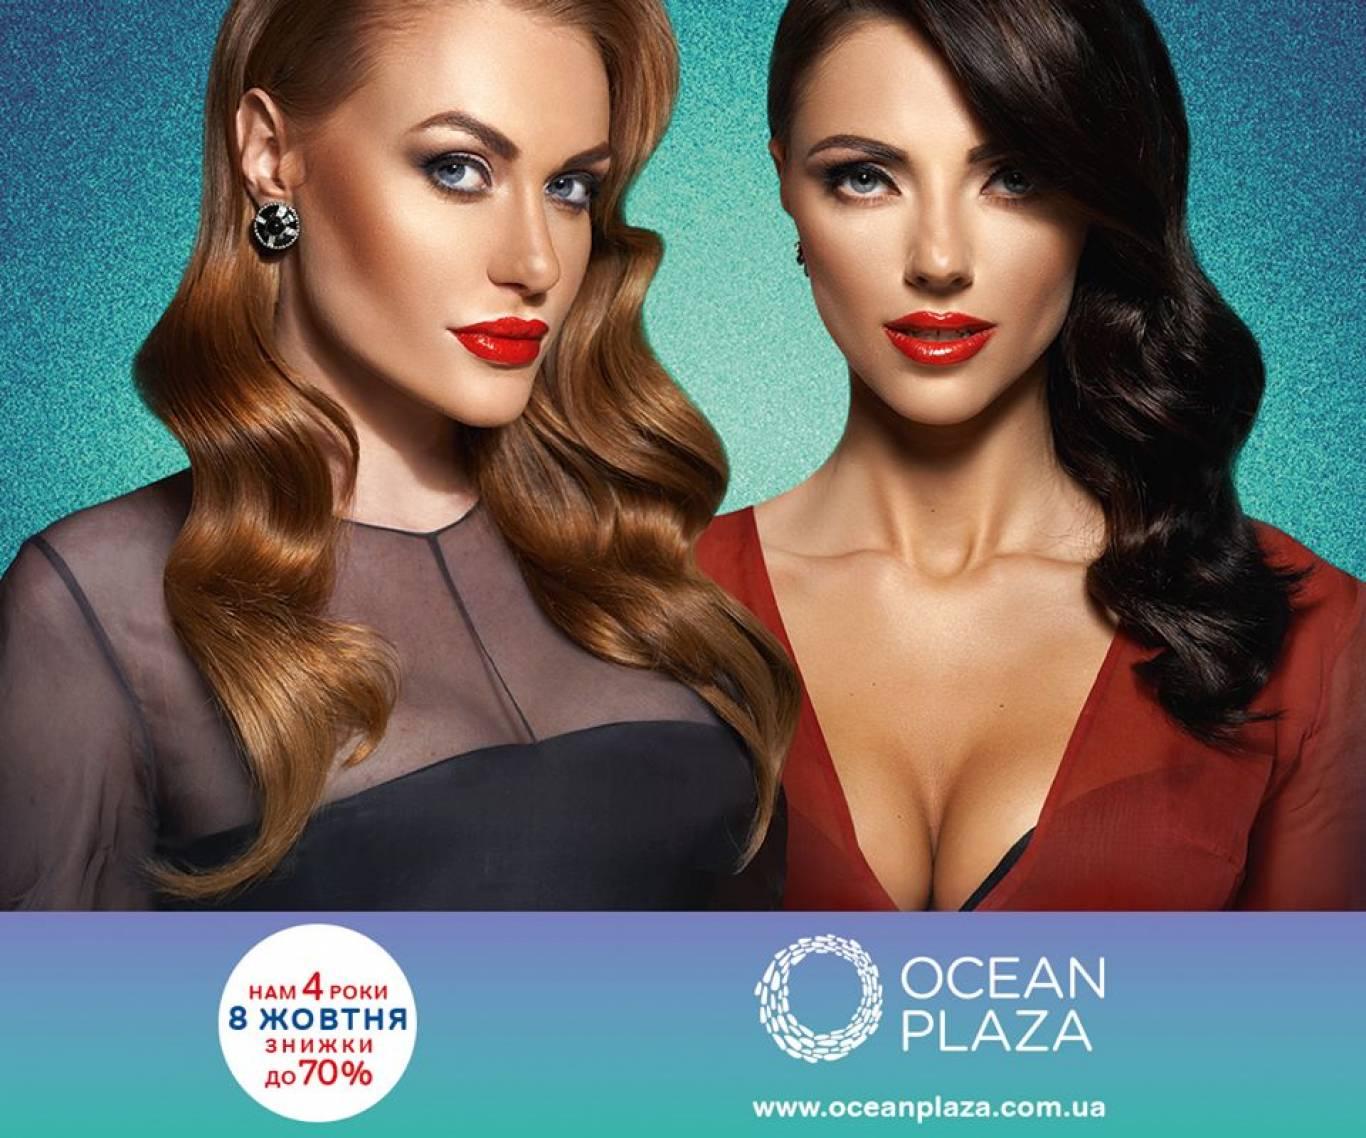 ТРЦ «Ocean Plaza» святкує 4 роки